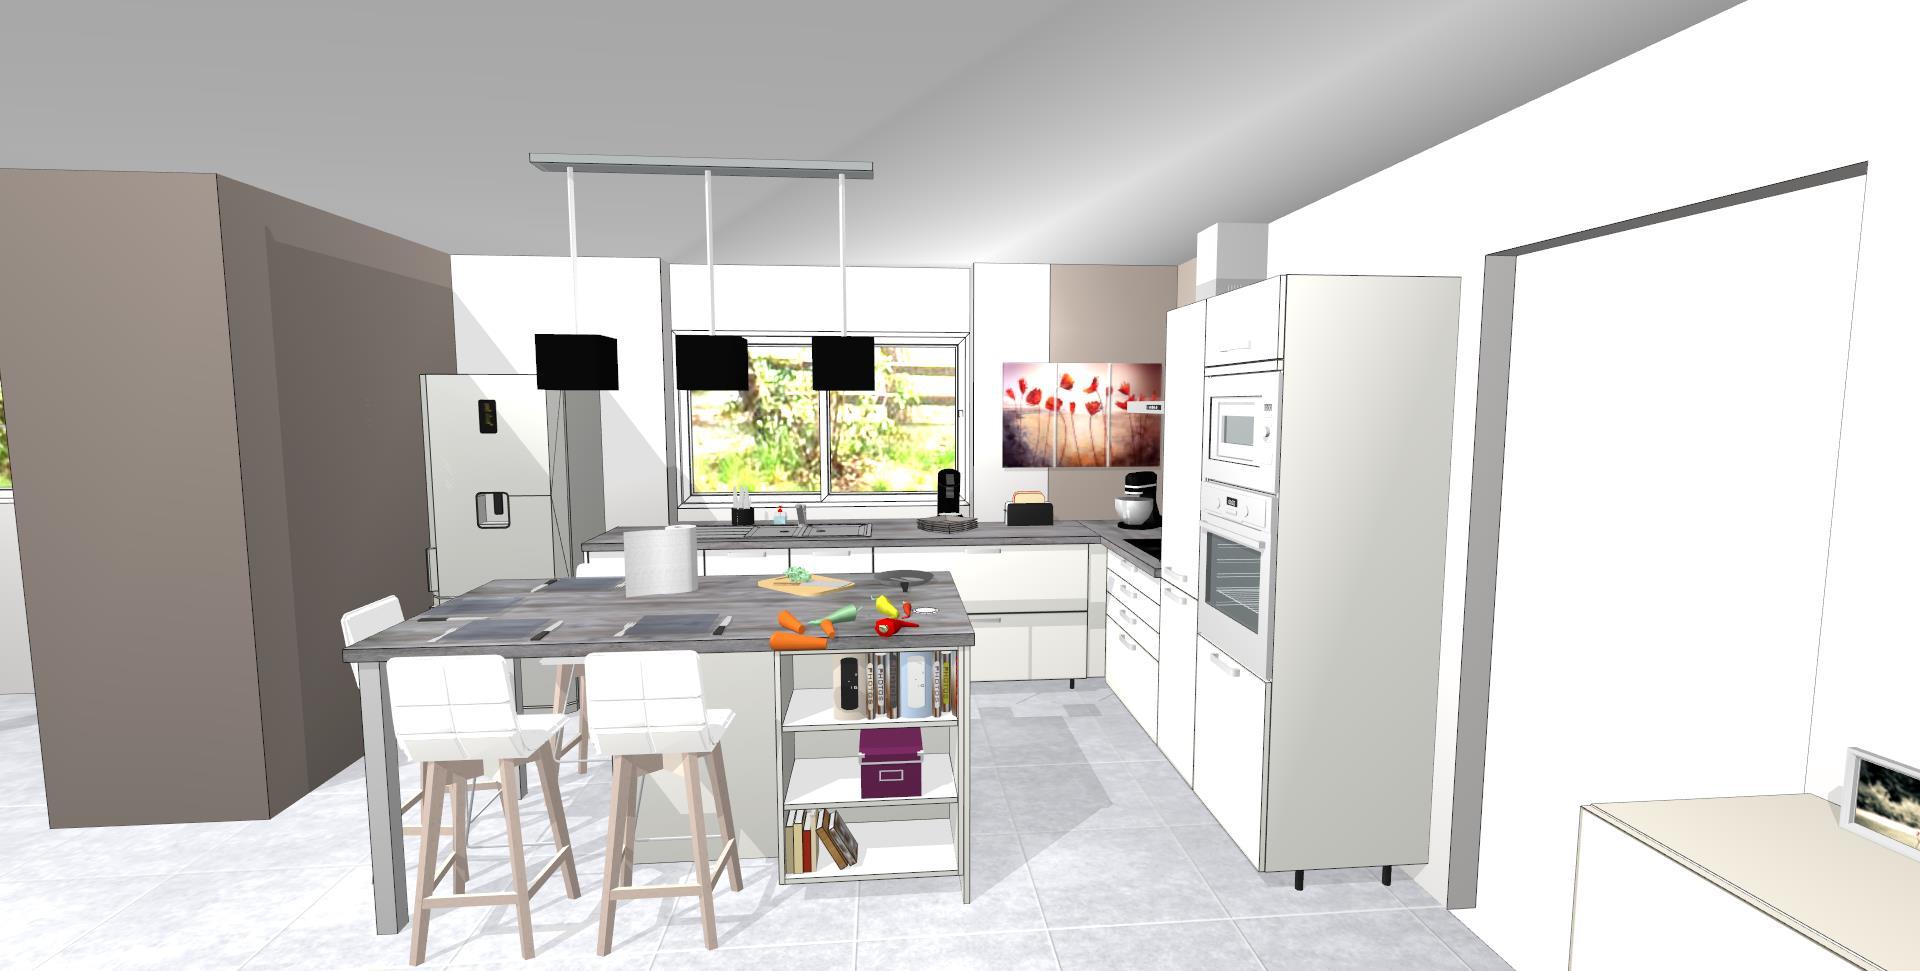 Les projets implantation de vos cuisines 8860 messages for Simulation implantation cuisine